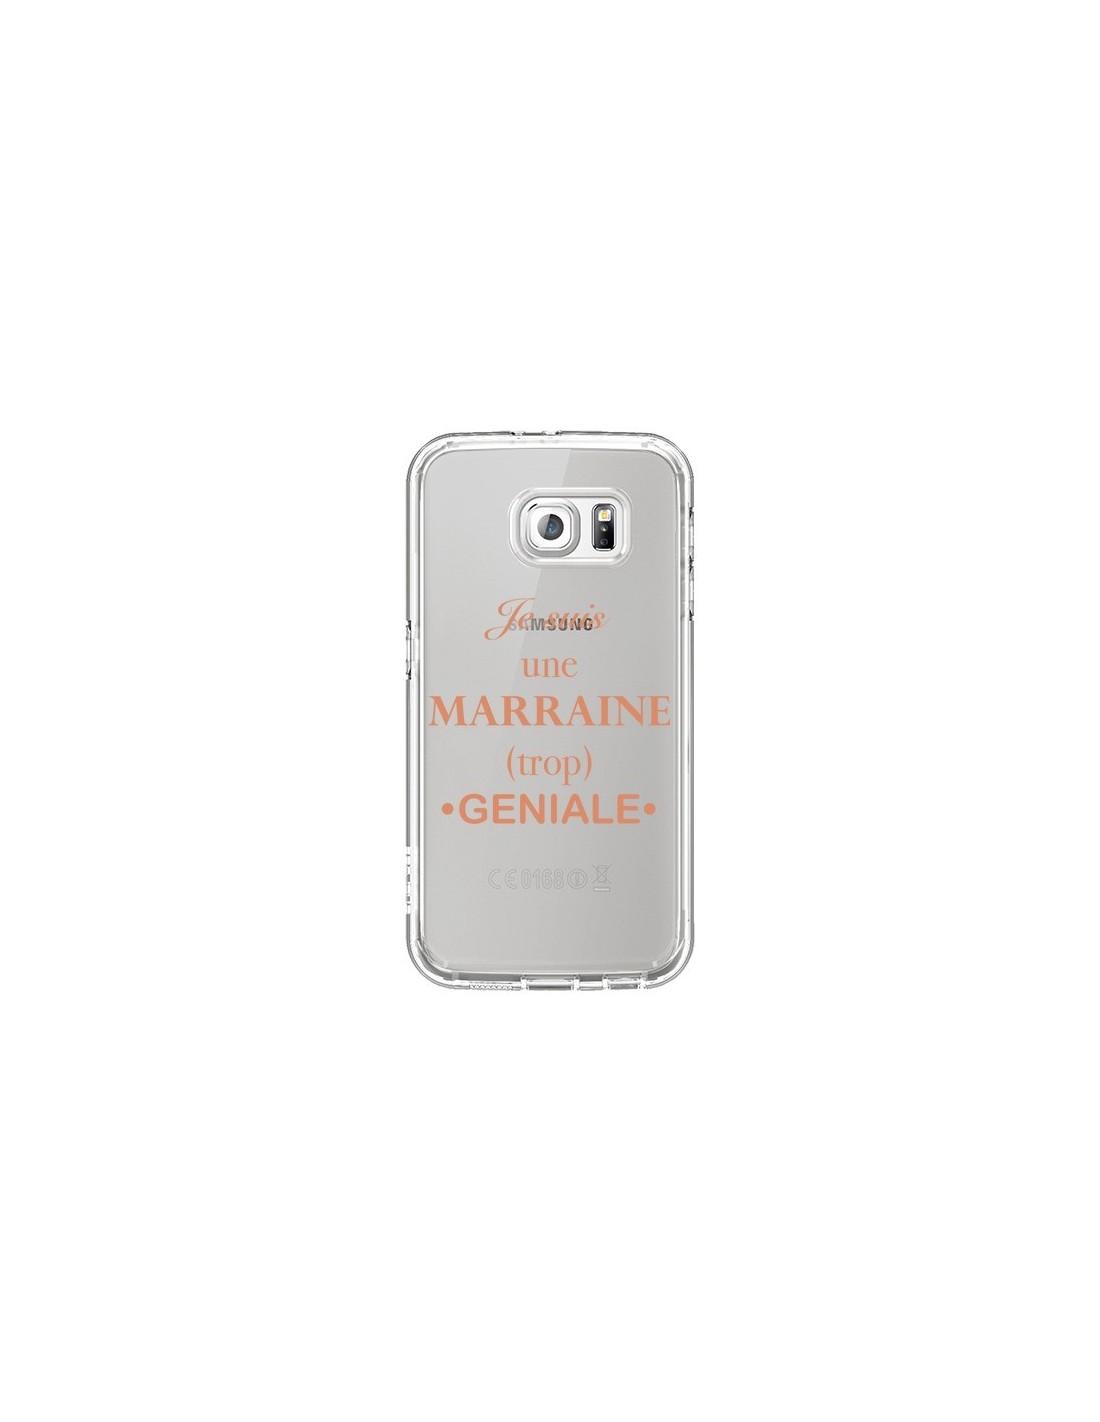 coque iphone 6 marraine